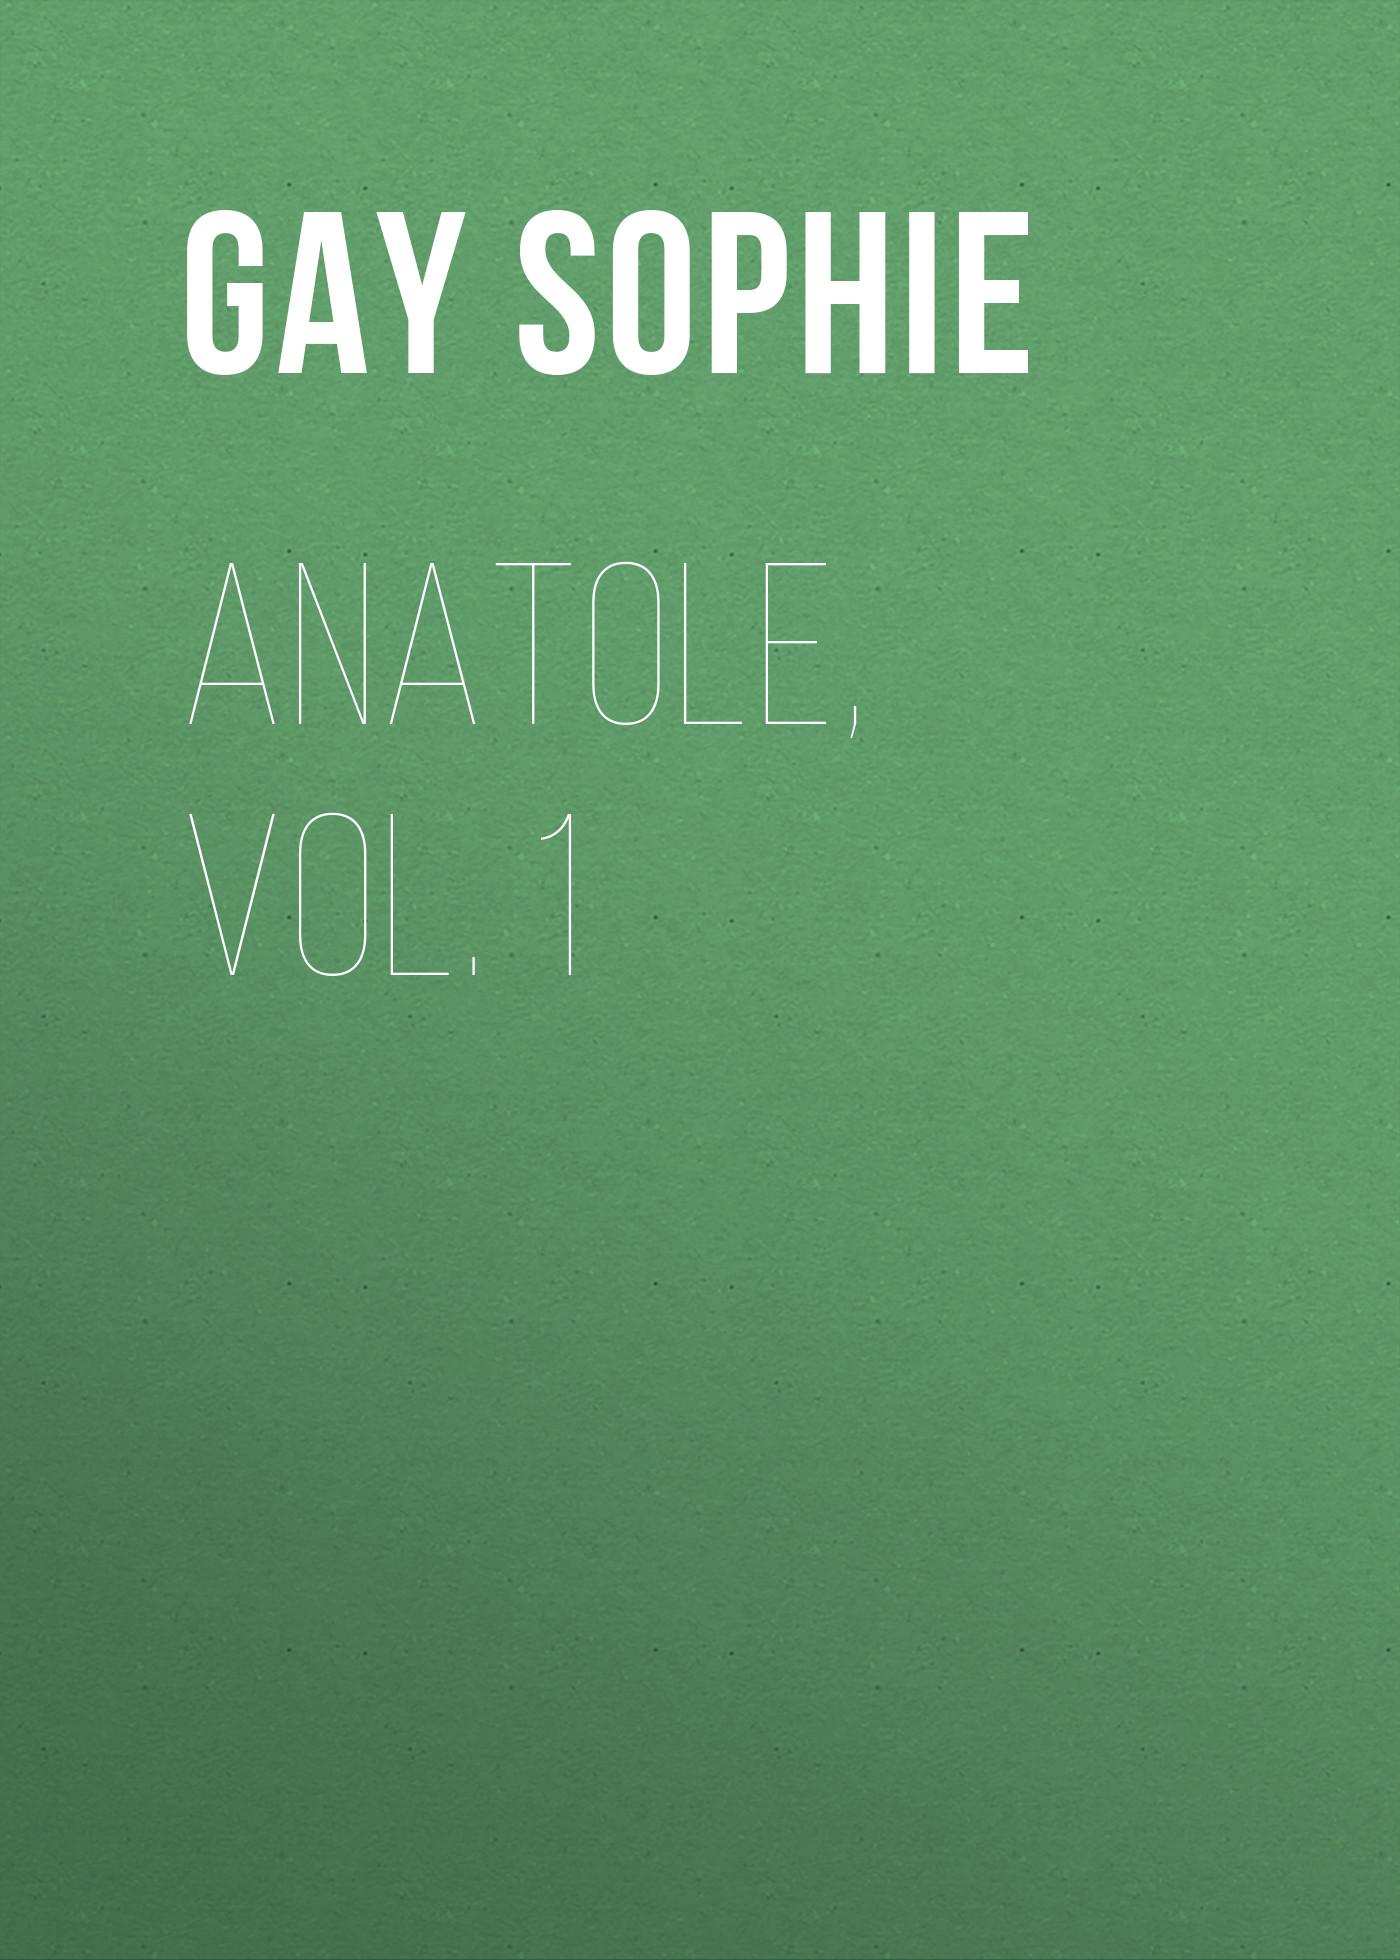 Gay Sophie Anatole, Vol. 1 gay happening vol 20